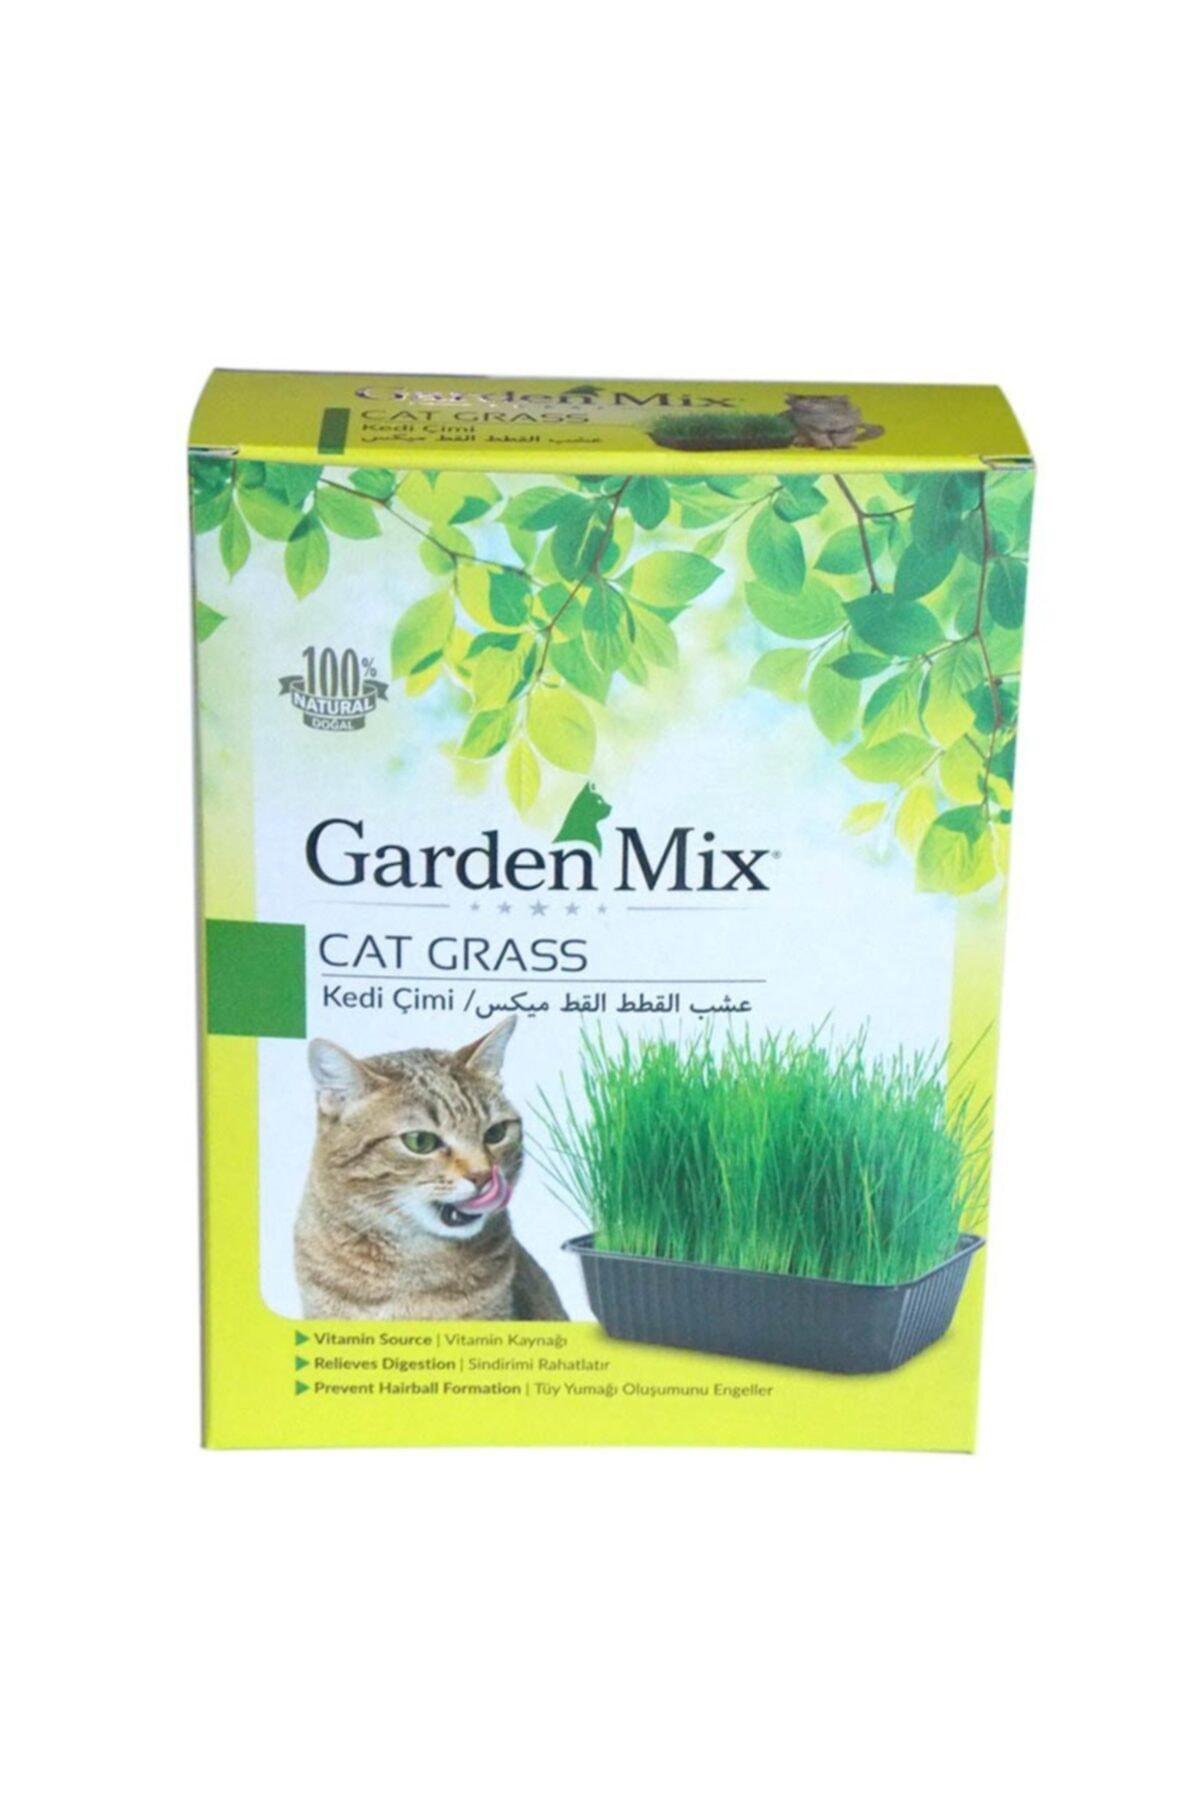 Cat Grass Kedi Çimi